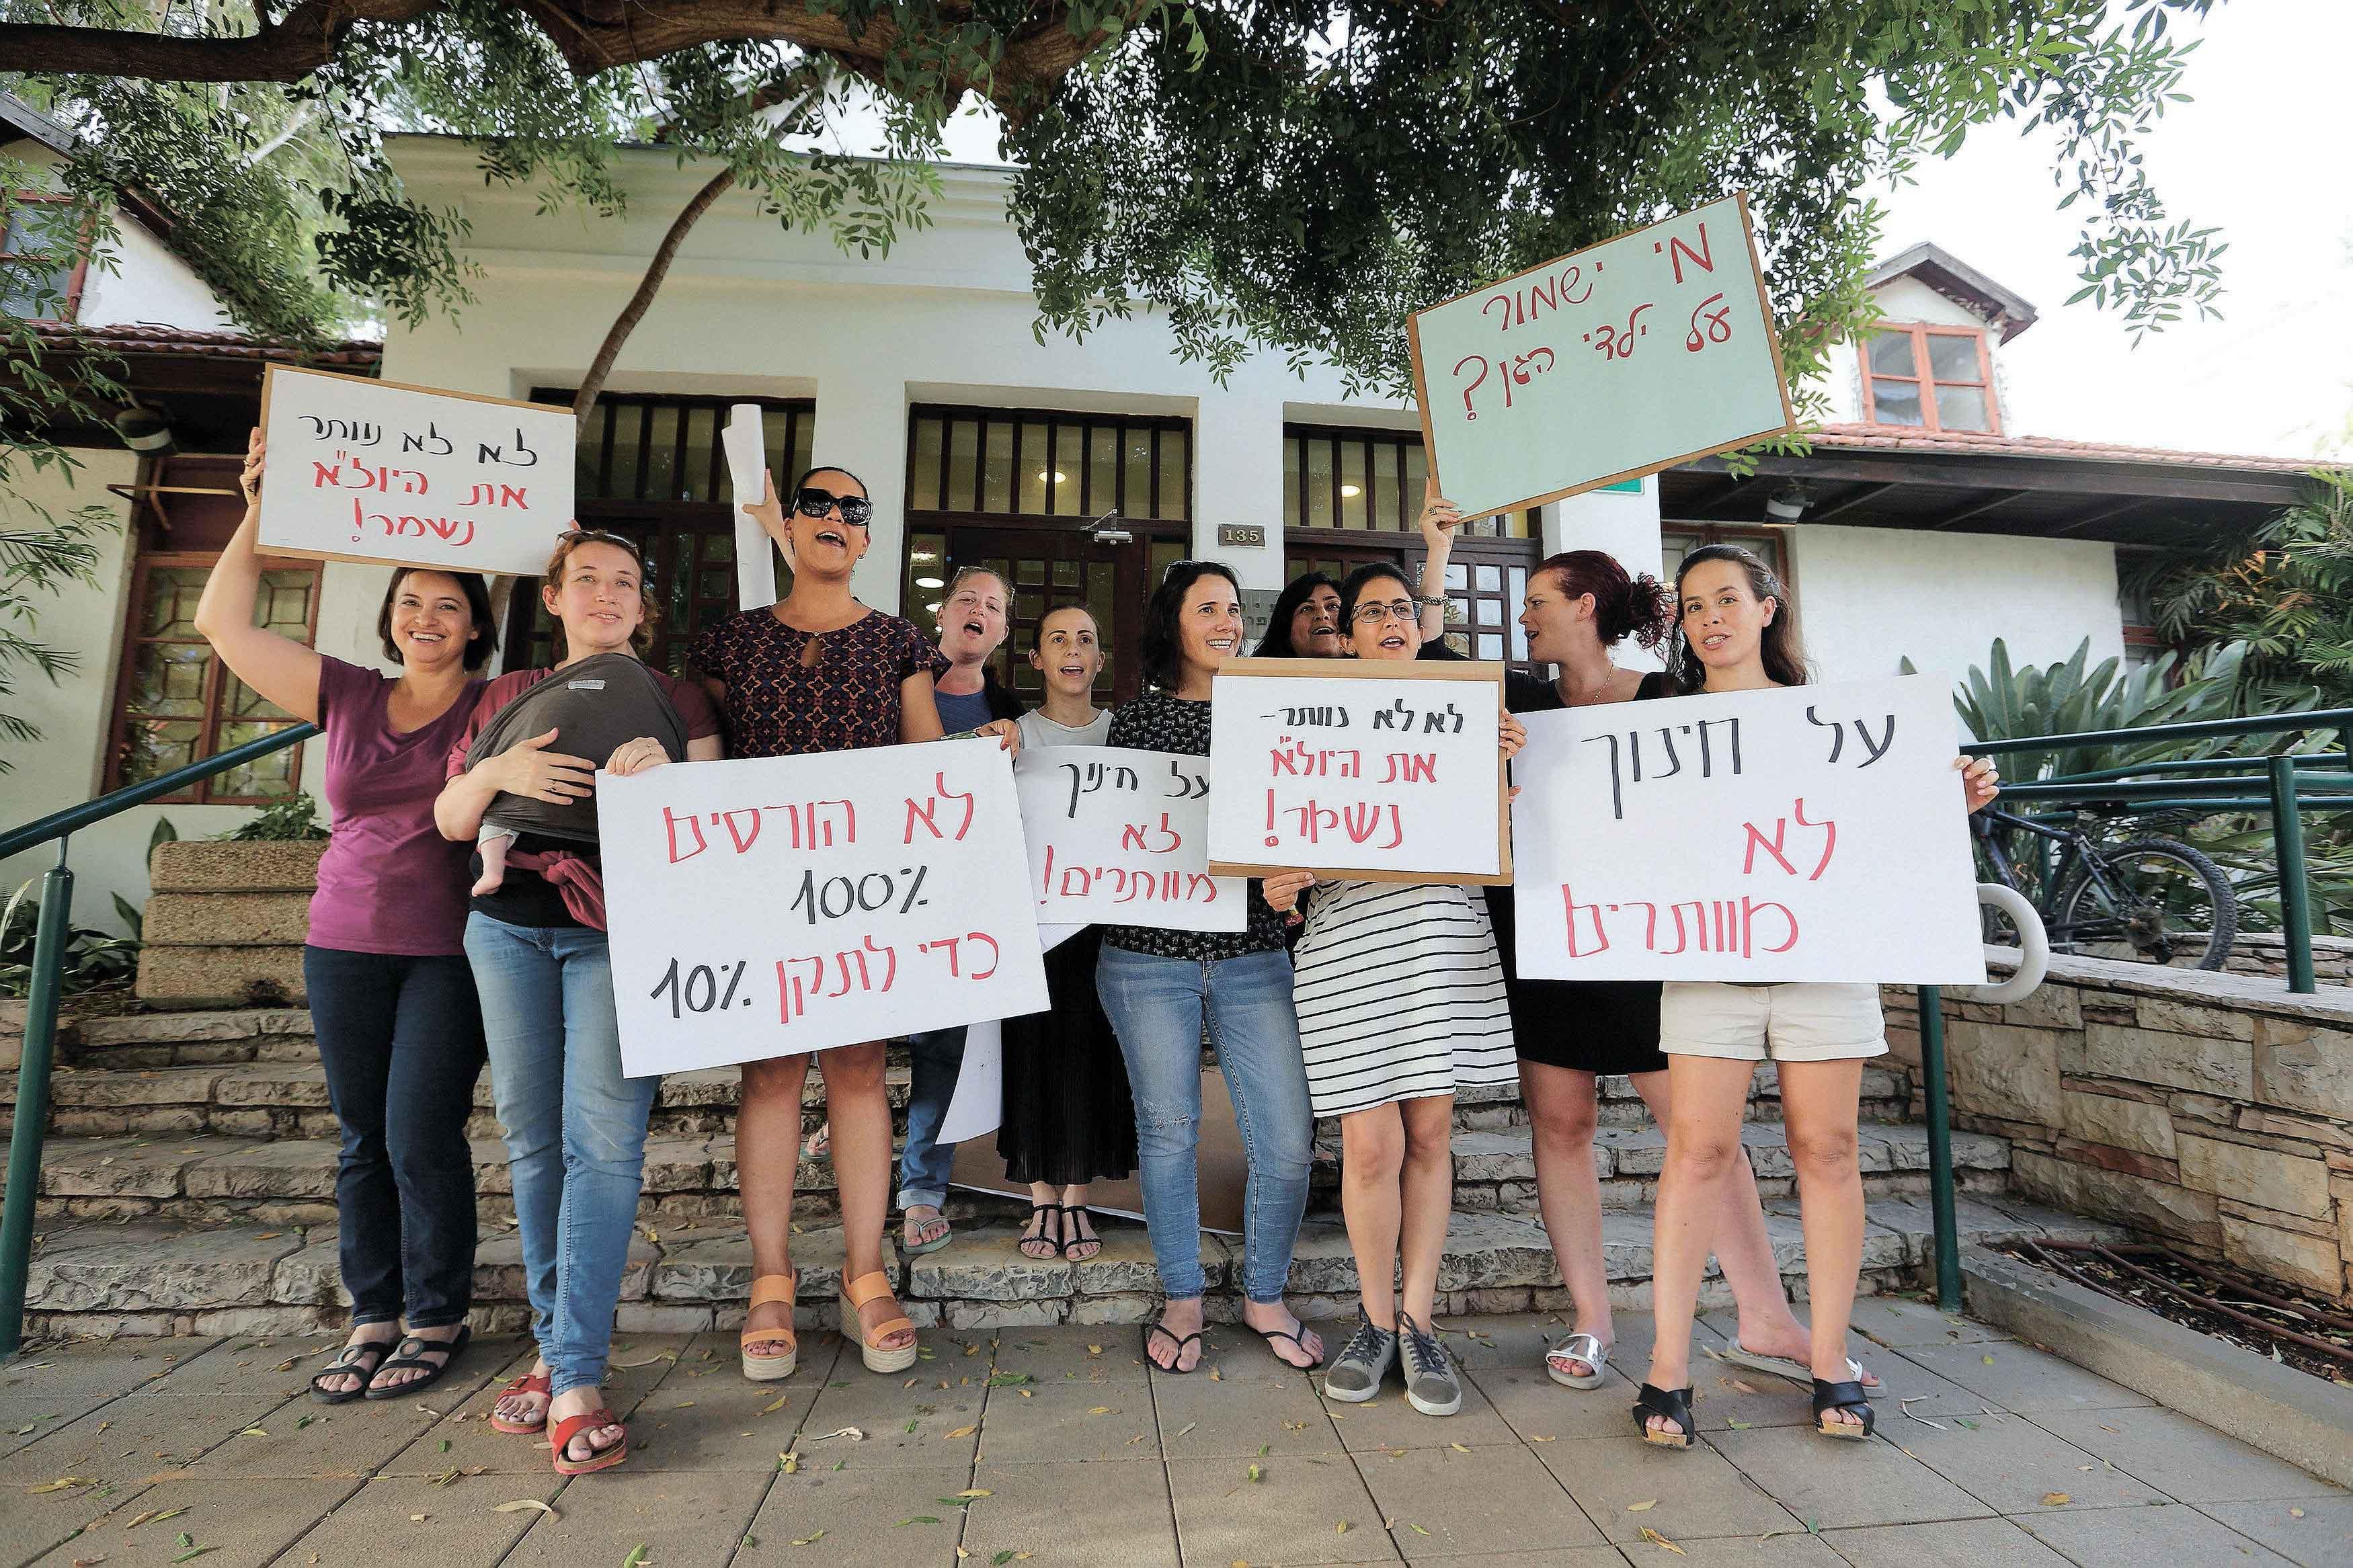 הפגנת פעילות מטה המאבק בחודש שעבר. צילום עזרא לוי